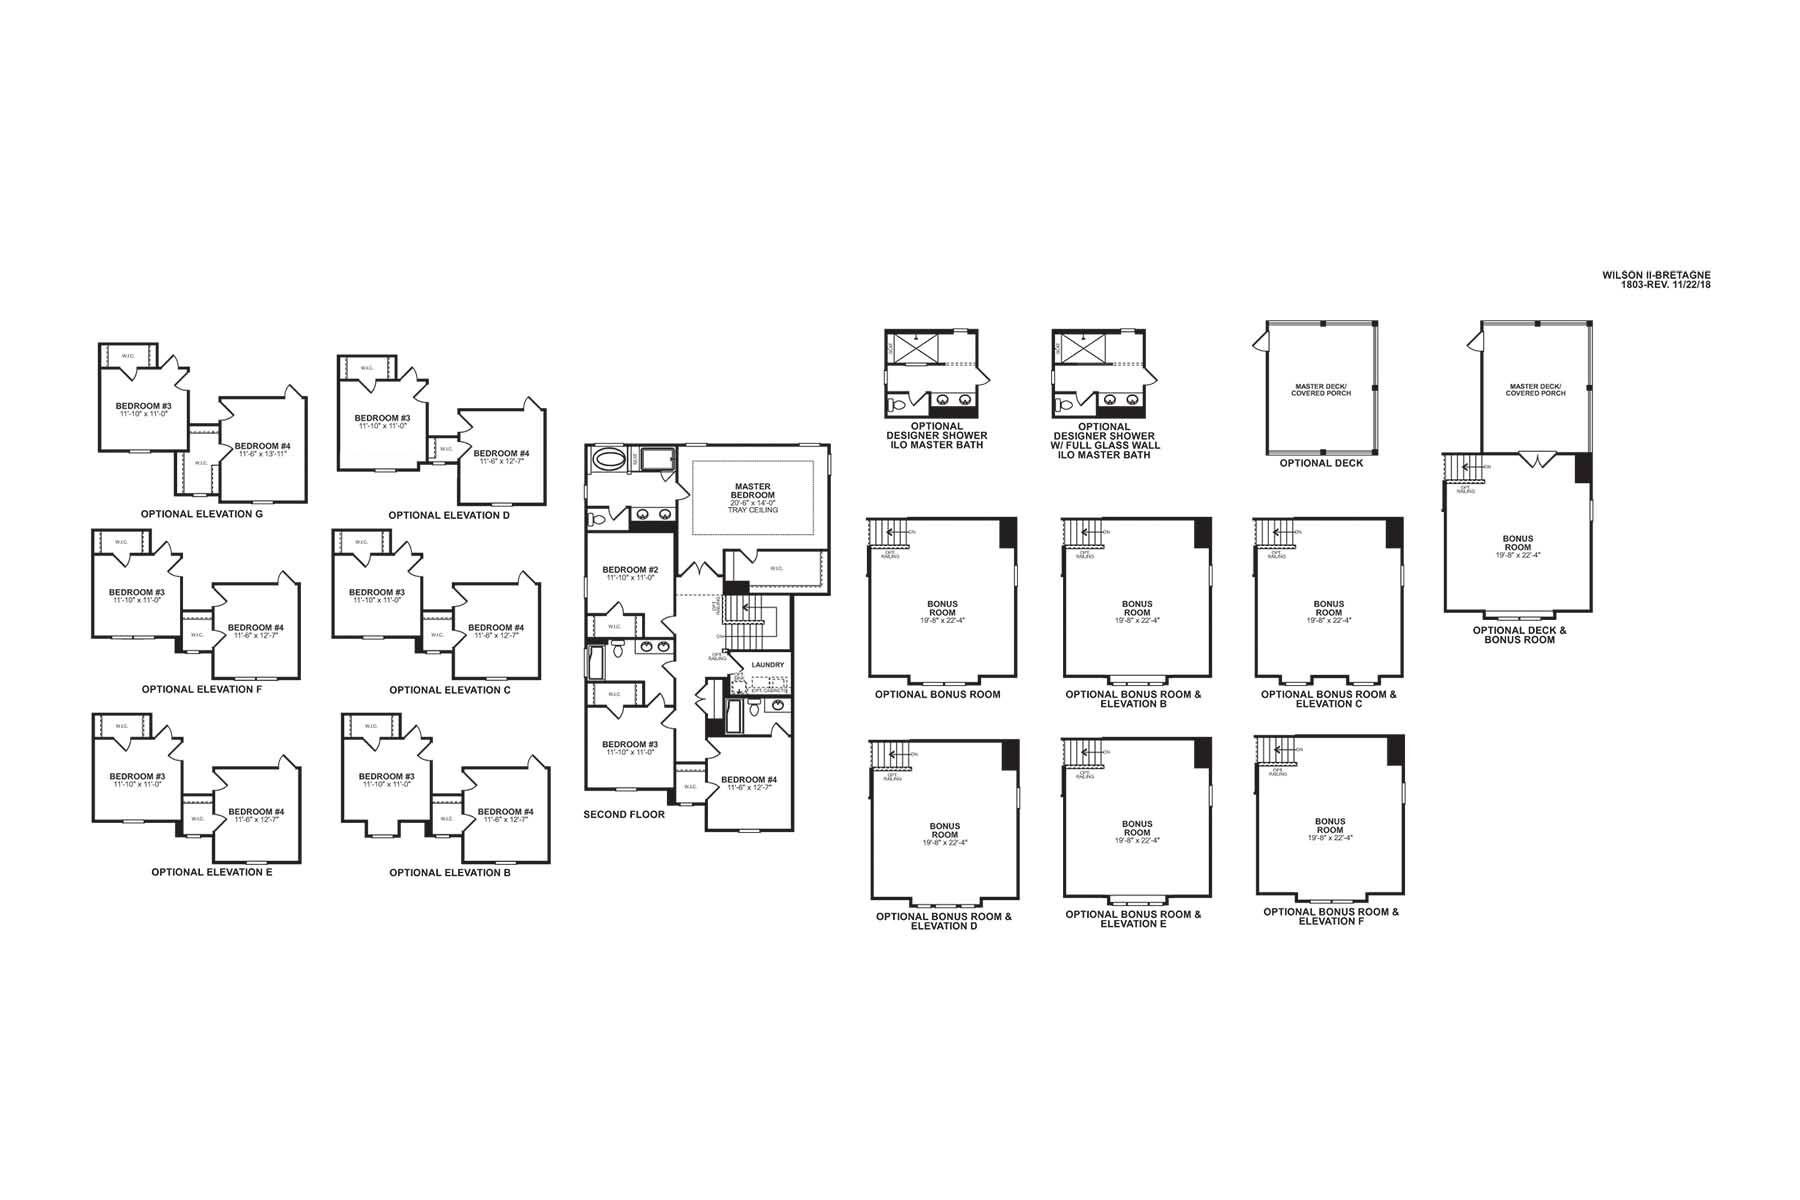 Wilson II Second Floor